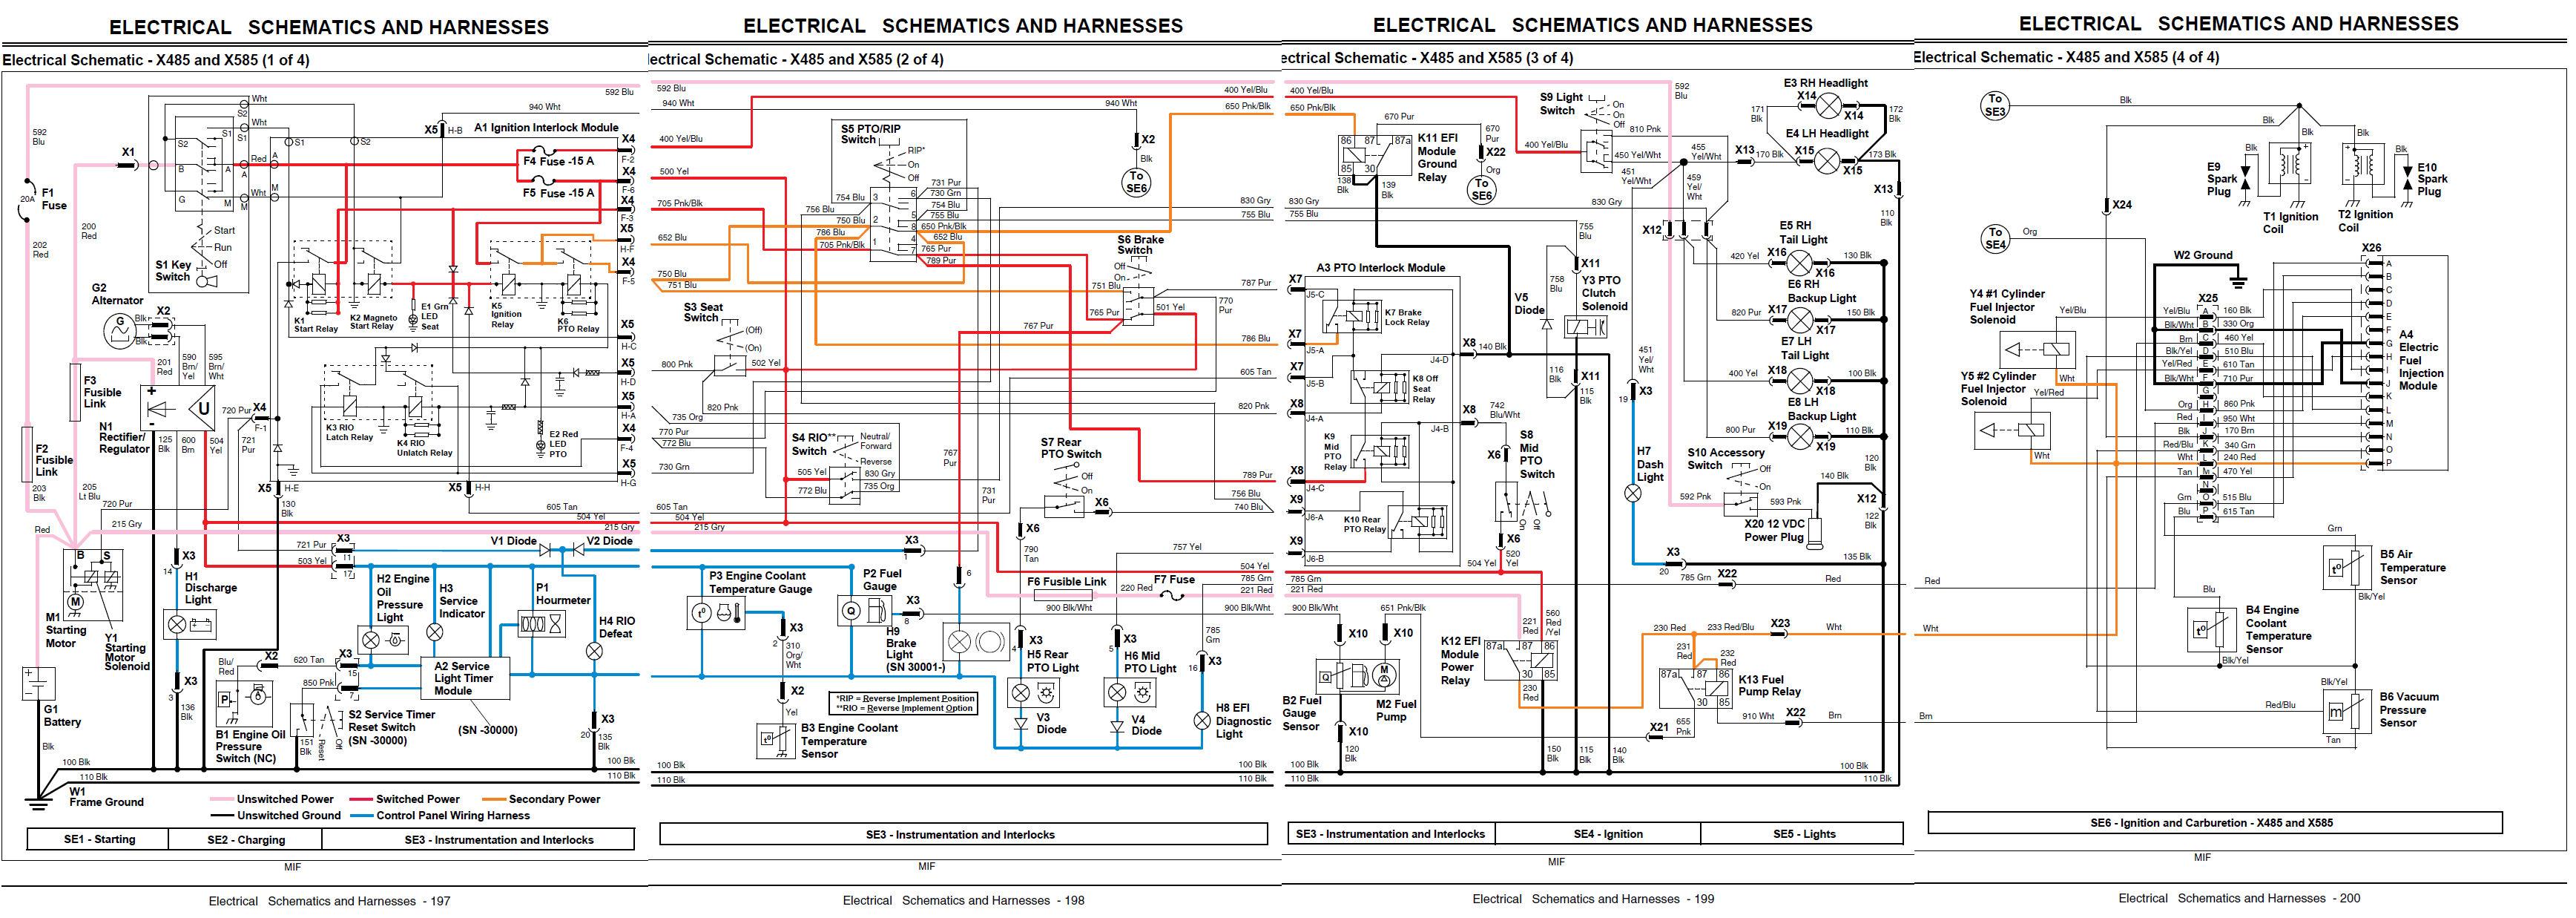 Help john deere x585 - Page 2 - MyTractorForum.com - The ... X John Deere Wiring Diagram on srx75 john deere wiring diagram, sst15 john deere wiring diagram, z225 john deere wiring diagram, lx277 john deere wiring diagram, x465 john deere wiring diagram, sx75 john deere wiring diagram, f525 john deere wiring diagram, f510 john deere wiring diagram, stx38 john deere wiring diagram, x485 john deere wiring diagram, lt160 john deere wiring diagram, lx178 john deere wiring diagram, g110 john deere wiring diagram, lt155 john deere wiring diagram, z425 john deere wiring diagram, l130 john deere wiring diagram,